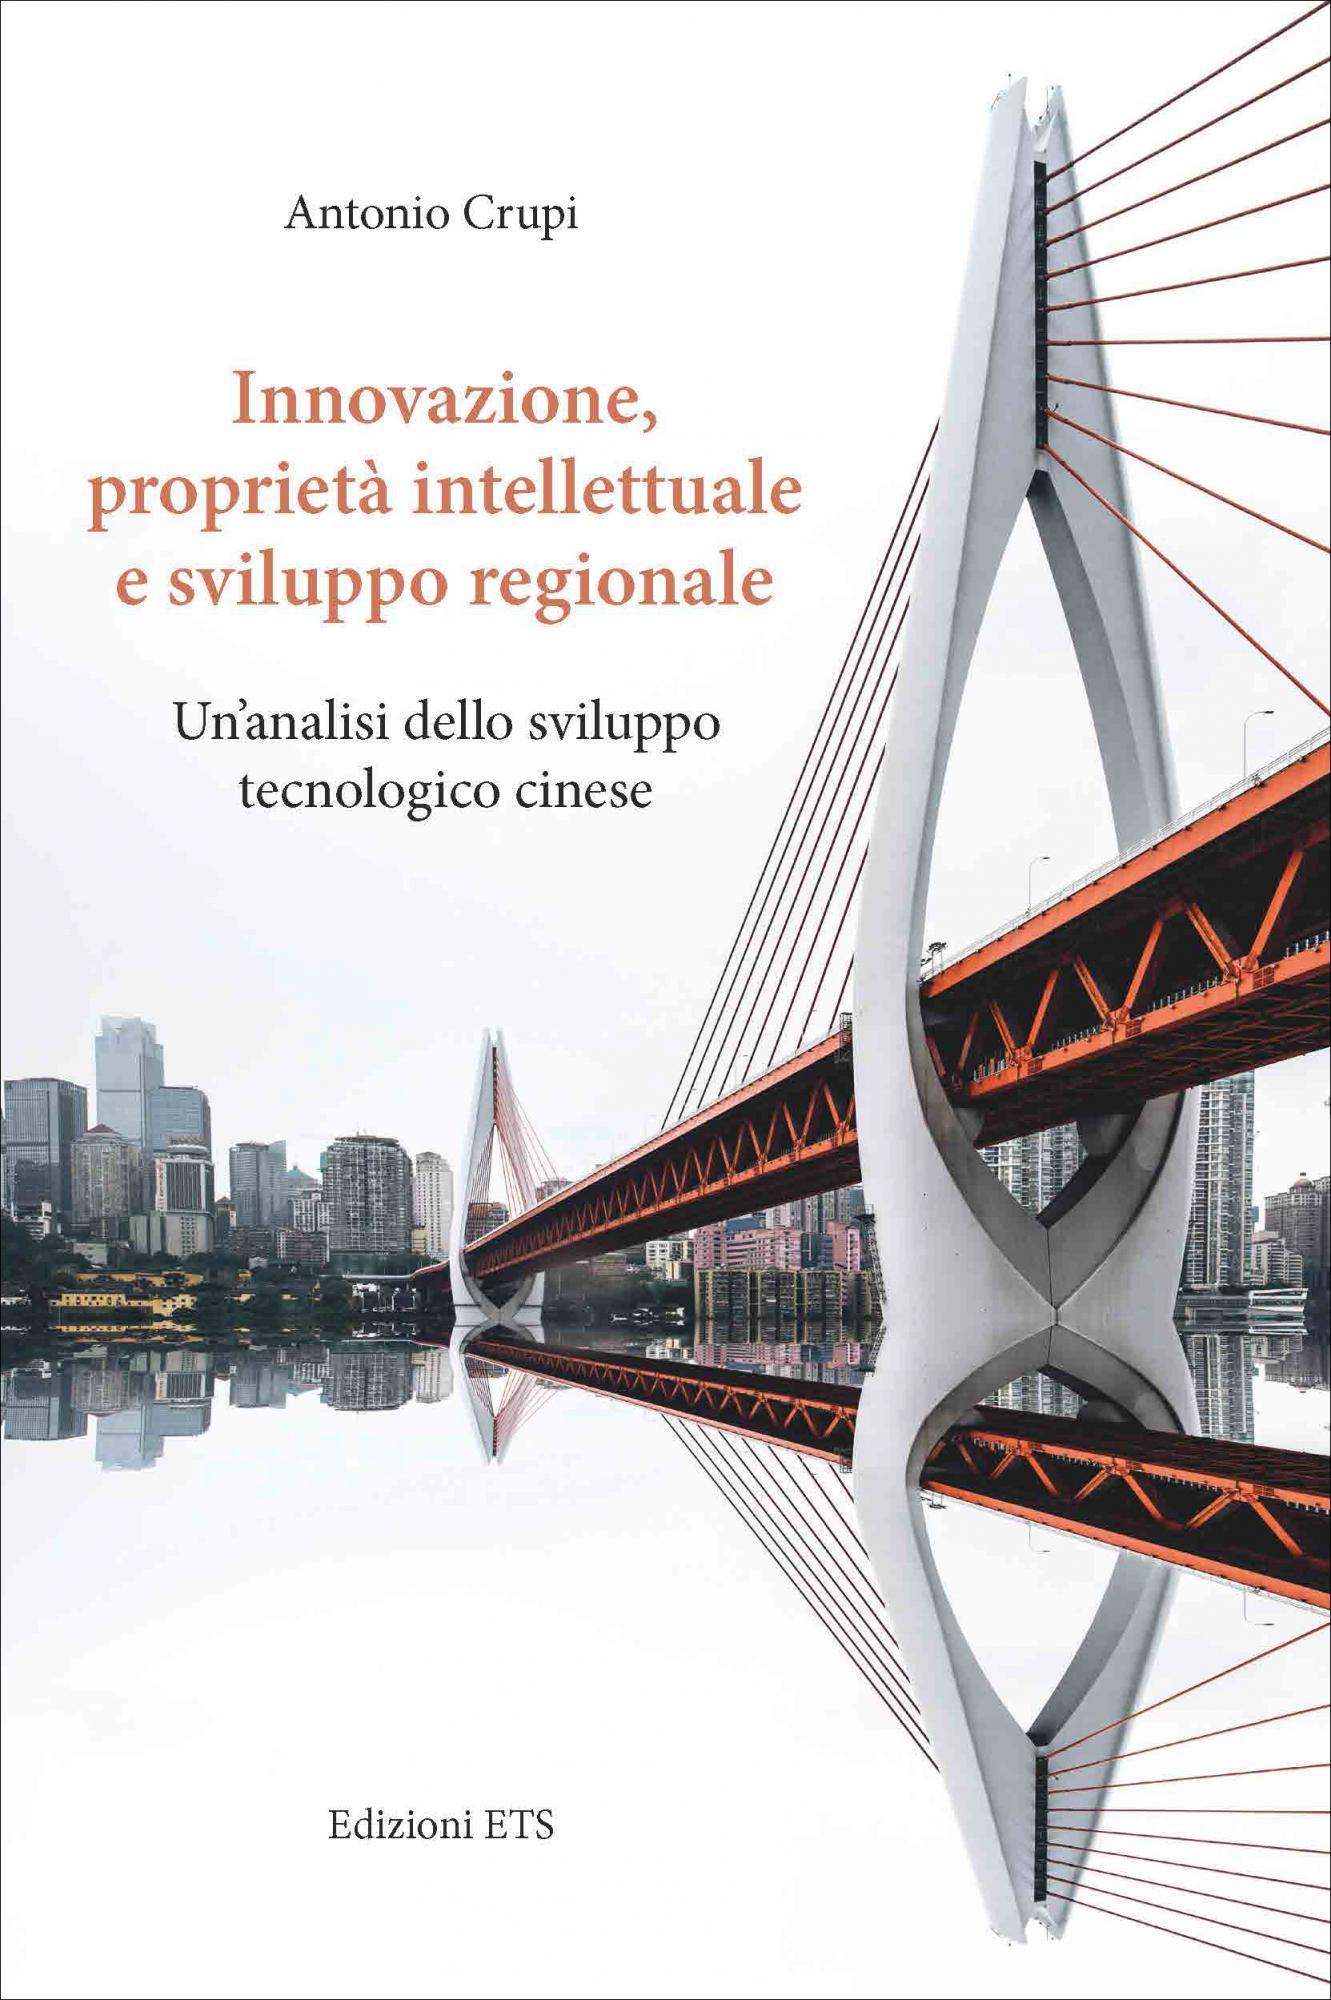 Innovazione, proprietà intellettuale e sviluppo regionale.Un'analisi dello sviluppo tecnologico cinese